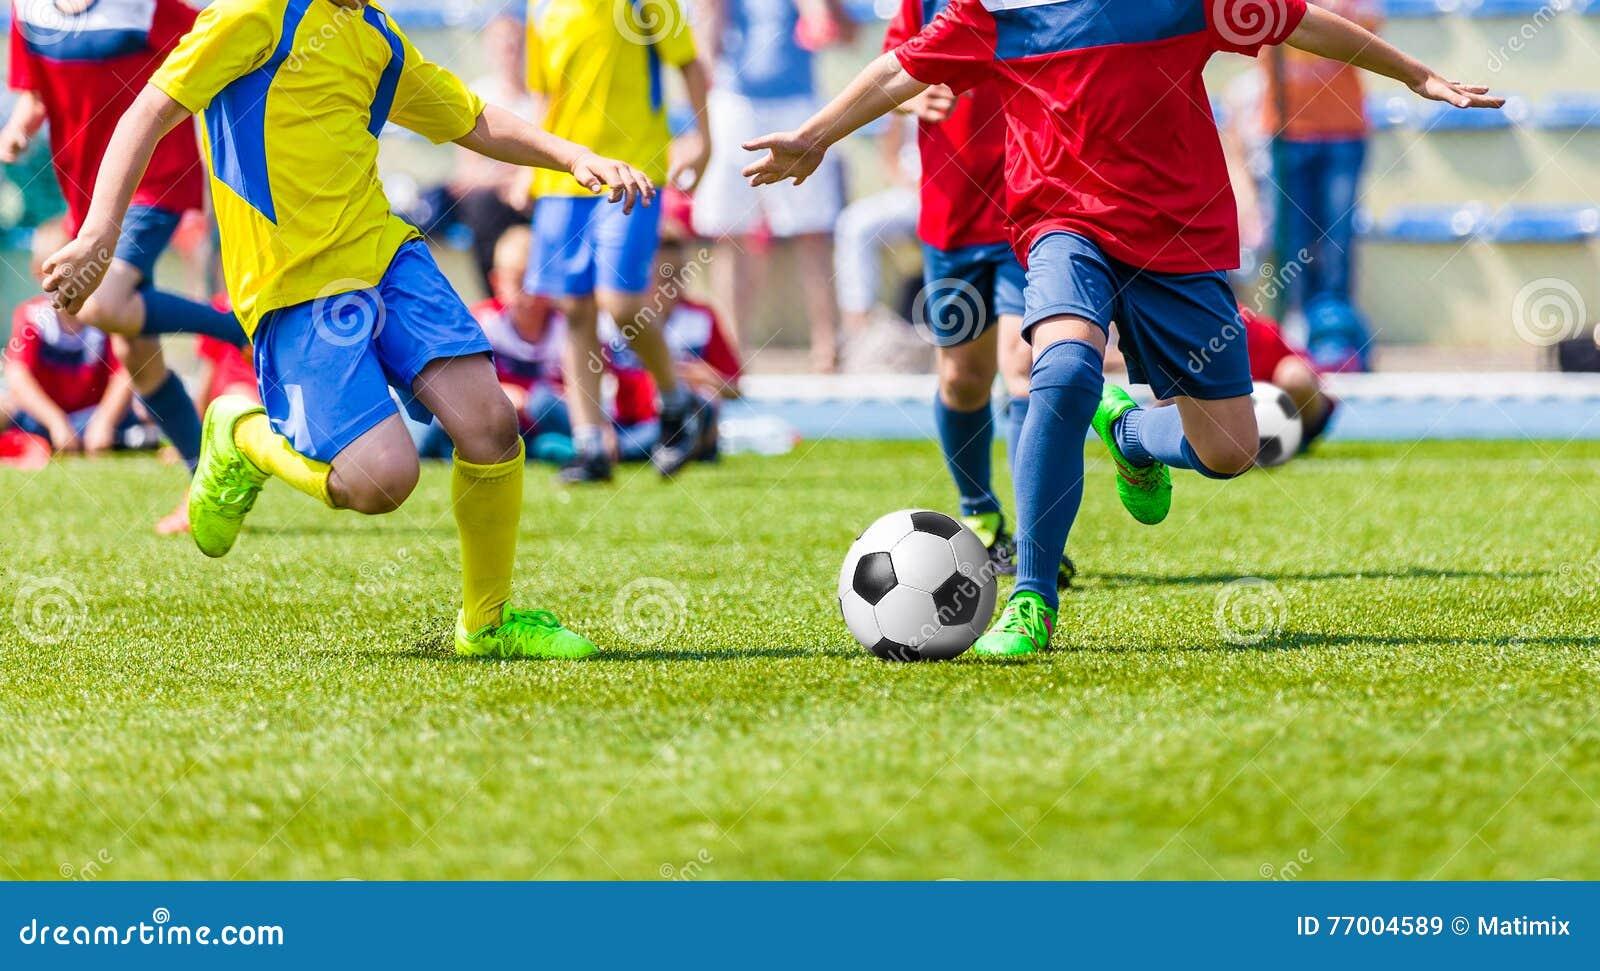 Młodość futbolu mecz piłkarski Dzieciaki bawić się mecz piłkarskiego na sporta polu